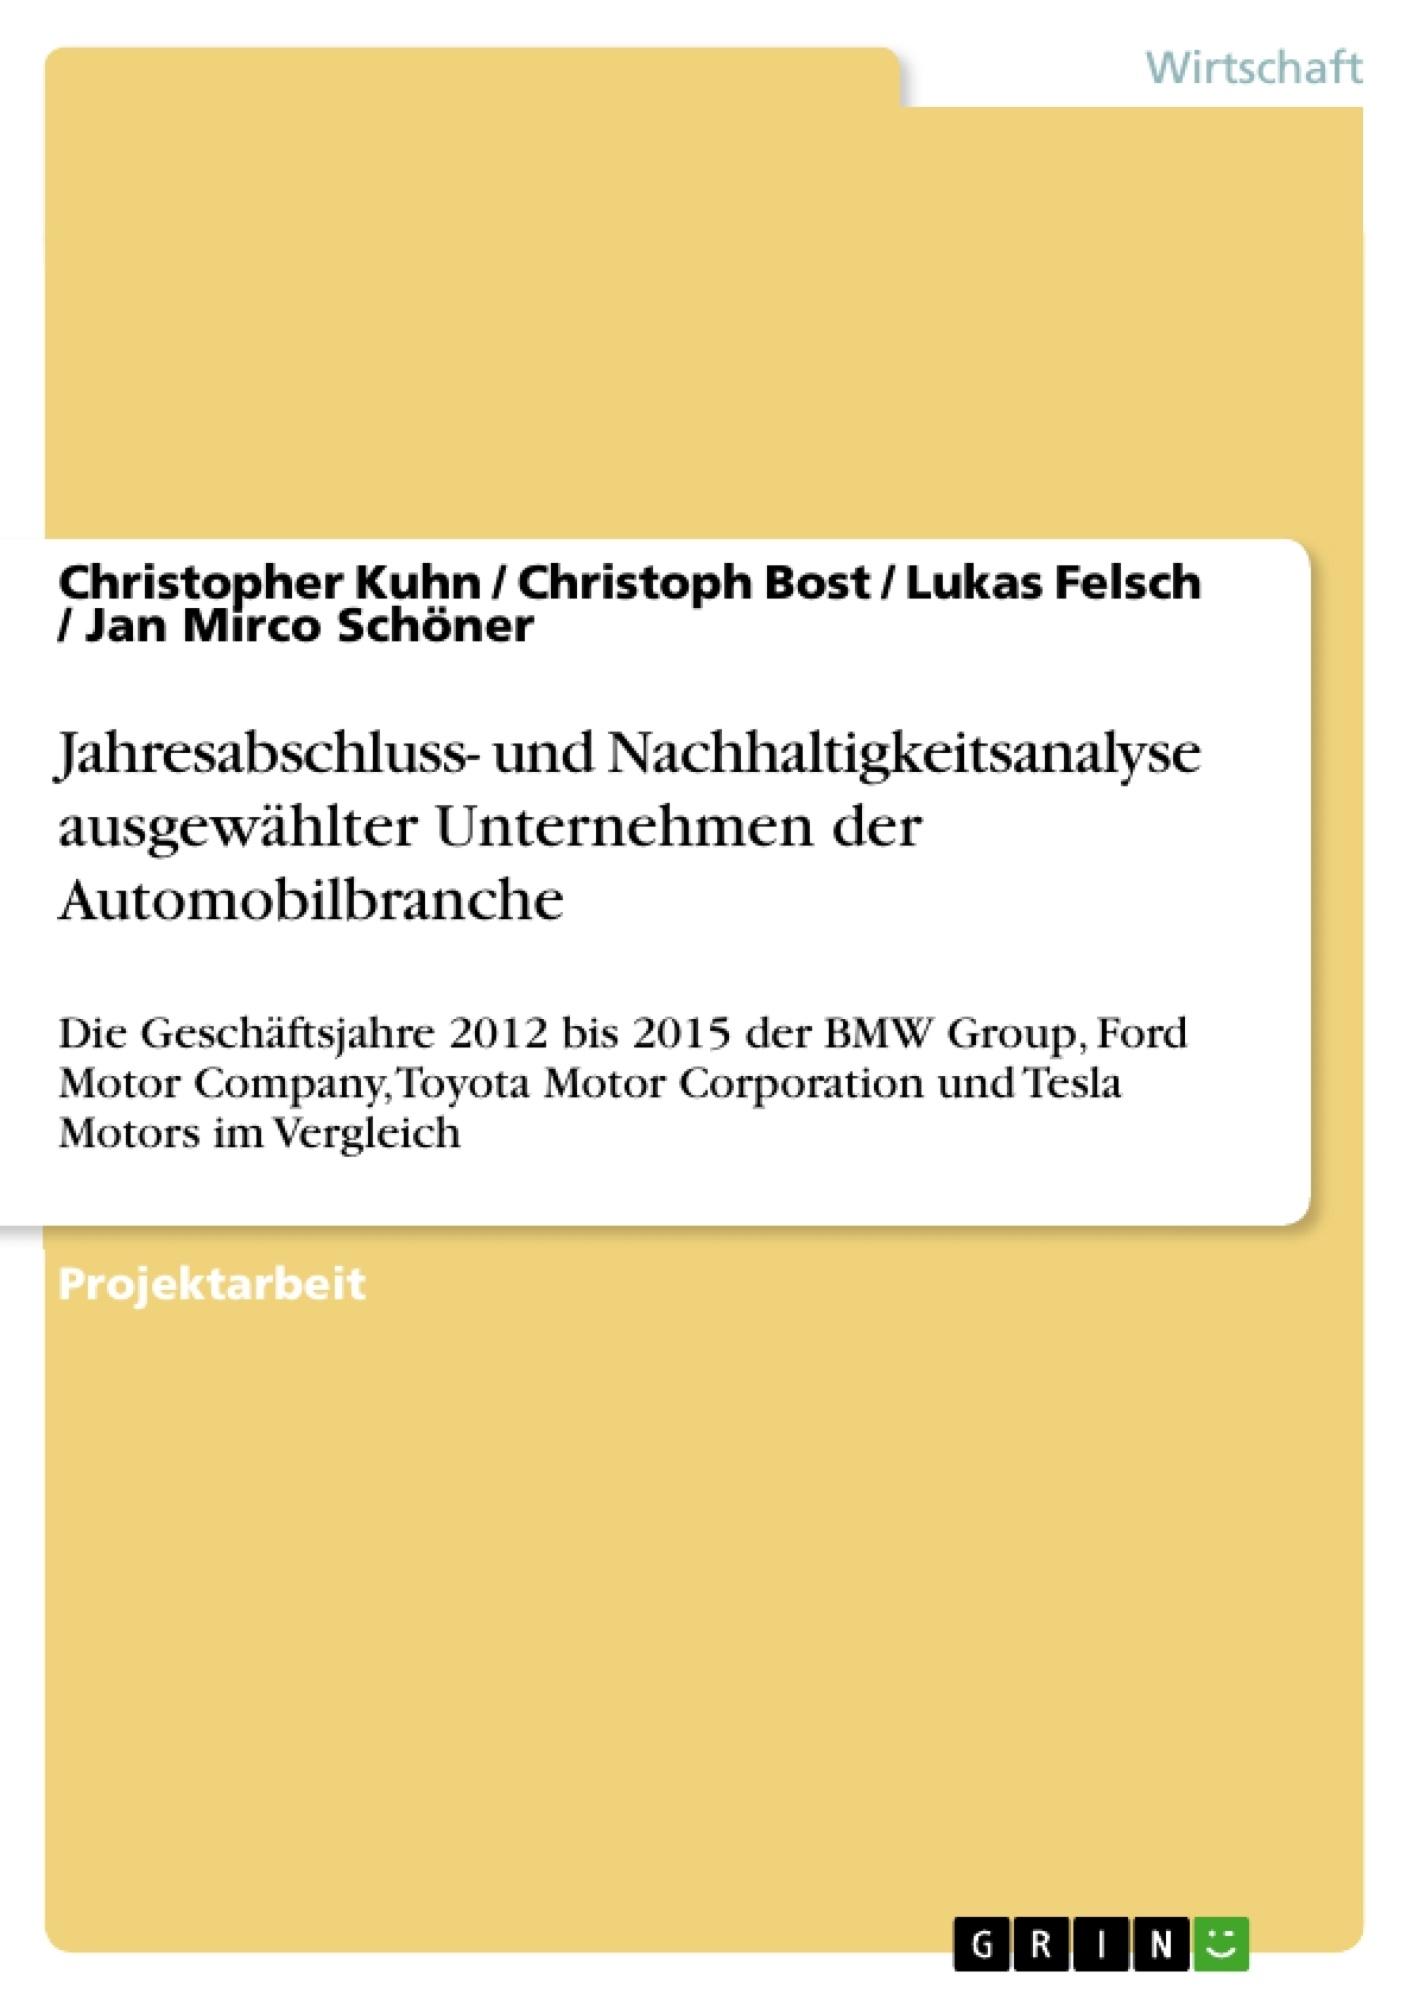 Titel: Jahresabschluss- und Nachhaltigkeitsanalyse ausgewählter Unternehmen der Automobilbranche